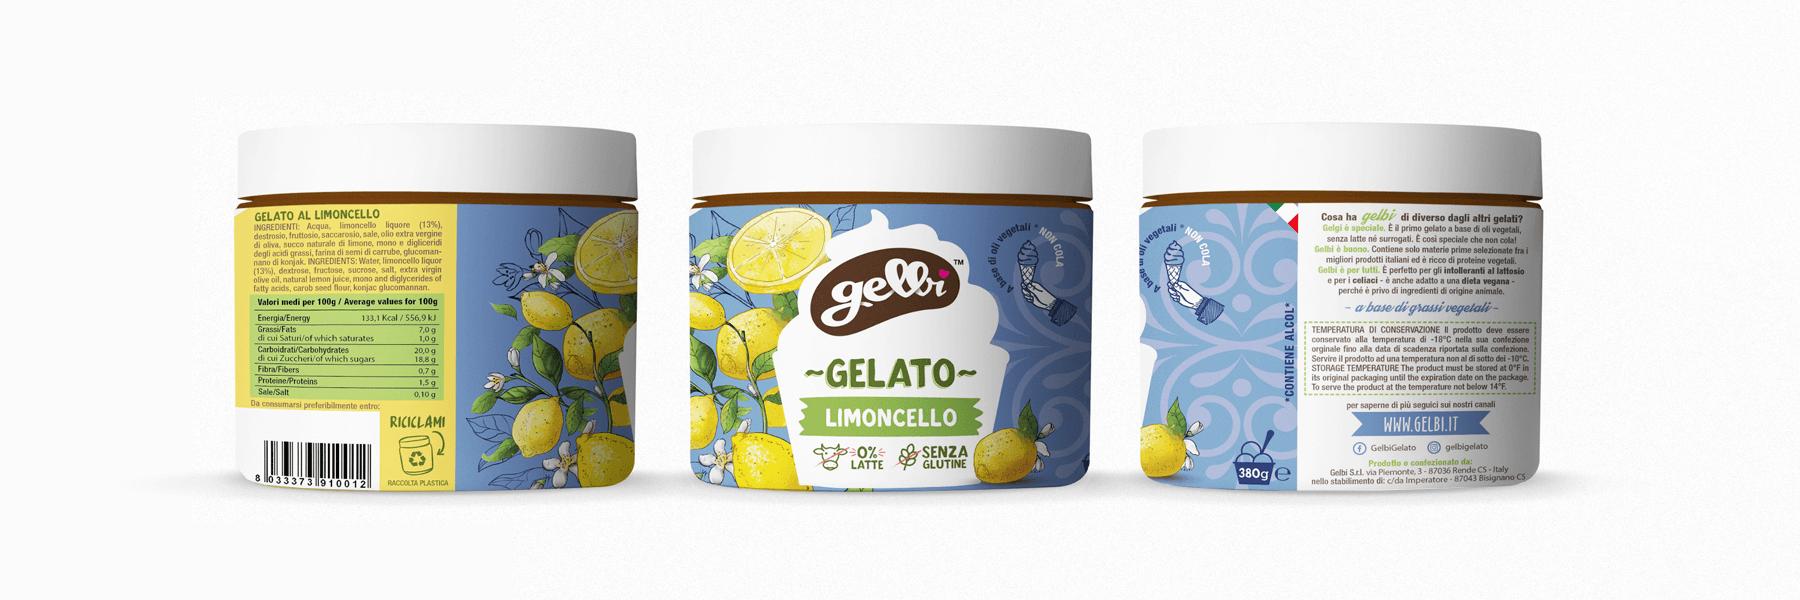 Studio La Regina - gelato Gelbi al limoncello